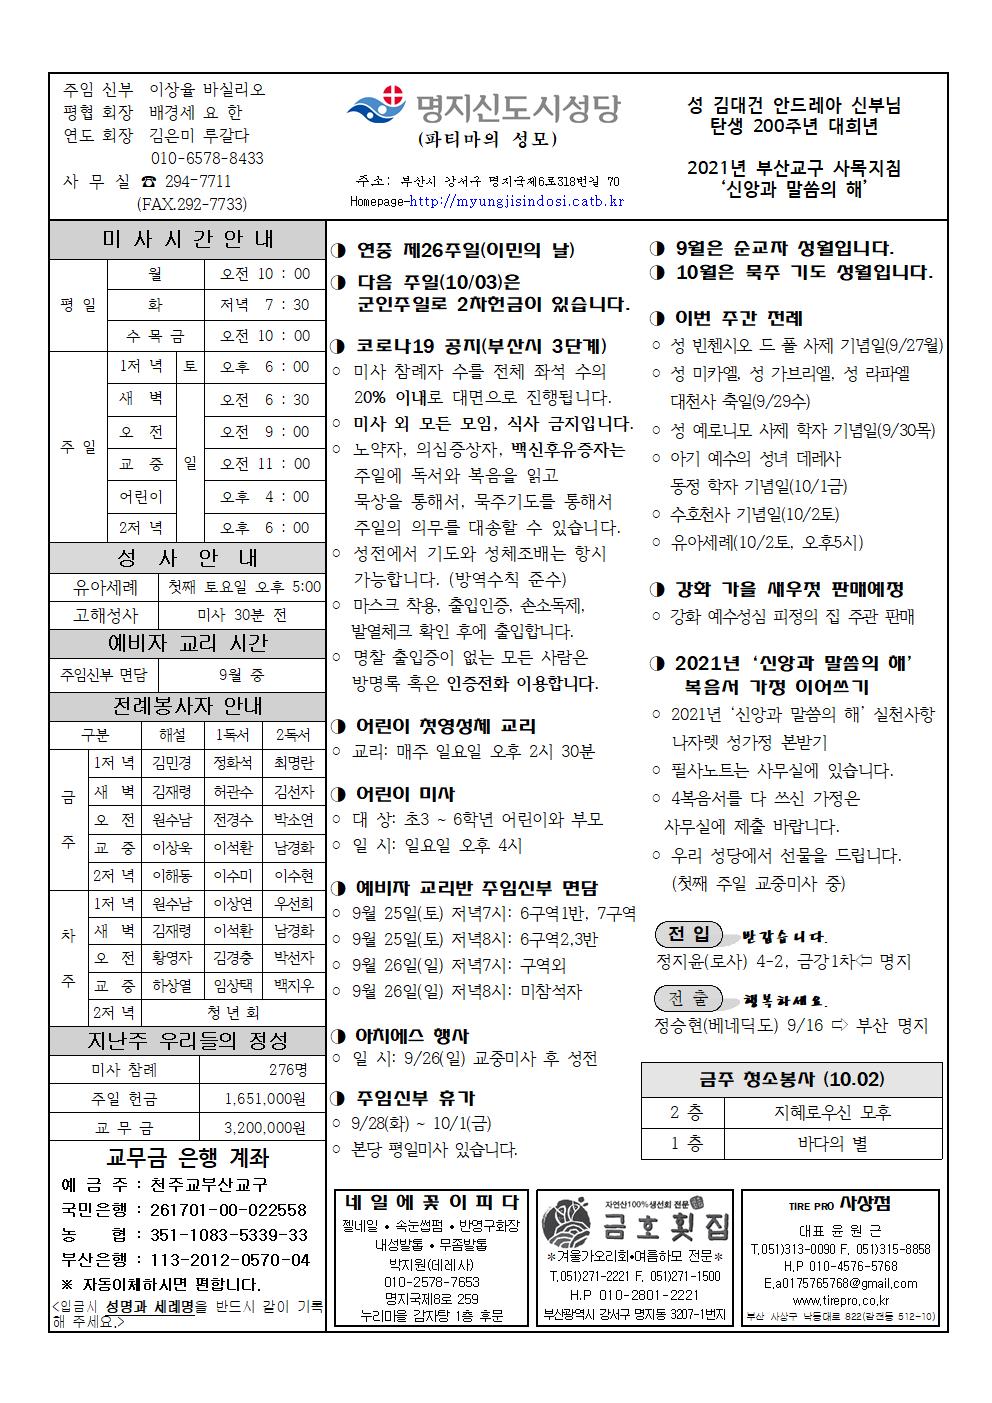 명지신도시20210926001.png